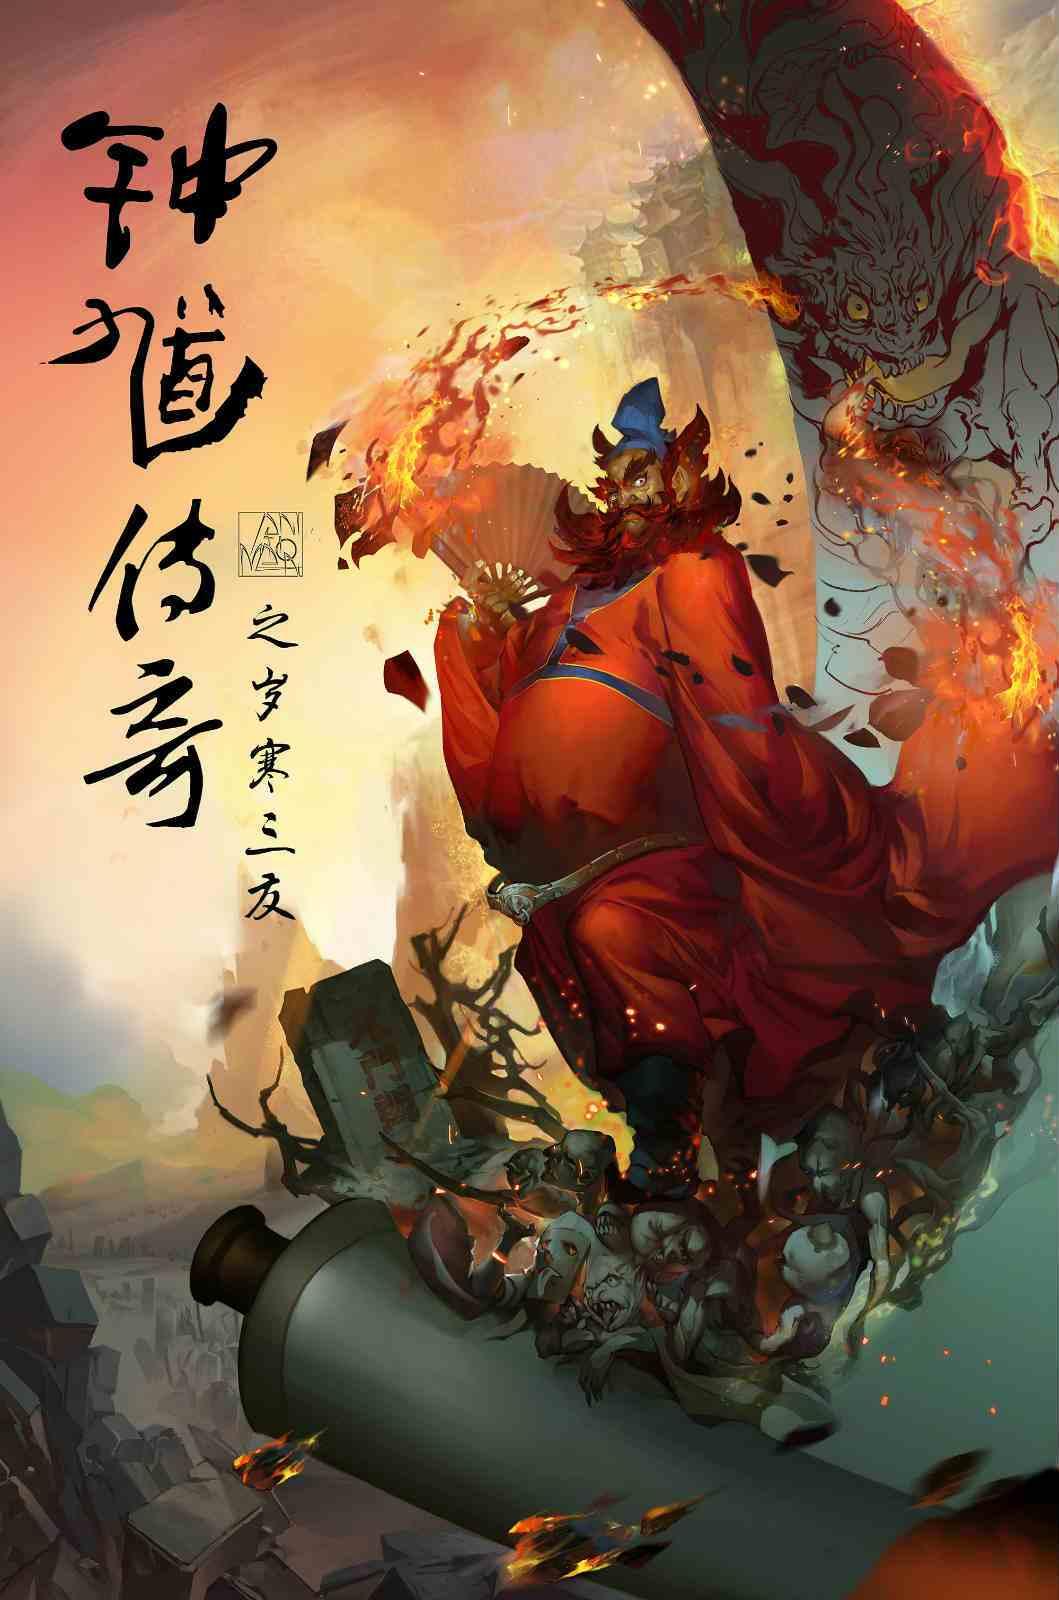 《钟馗传奇》曝光手绘海报 匠人精神重现王者风范